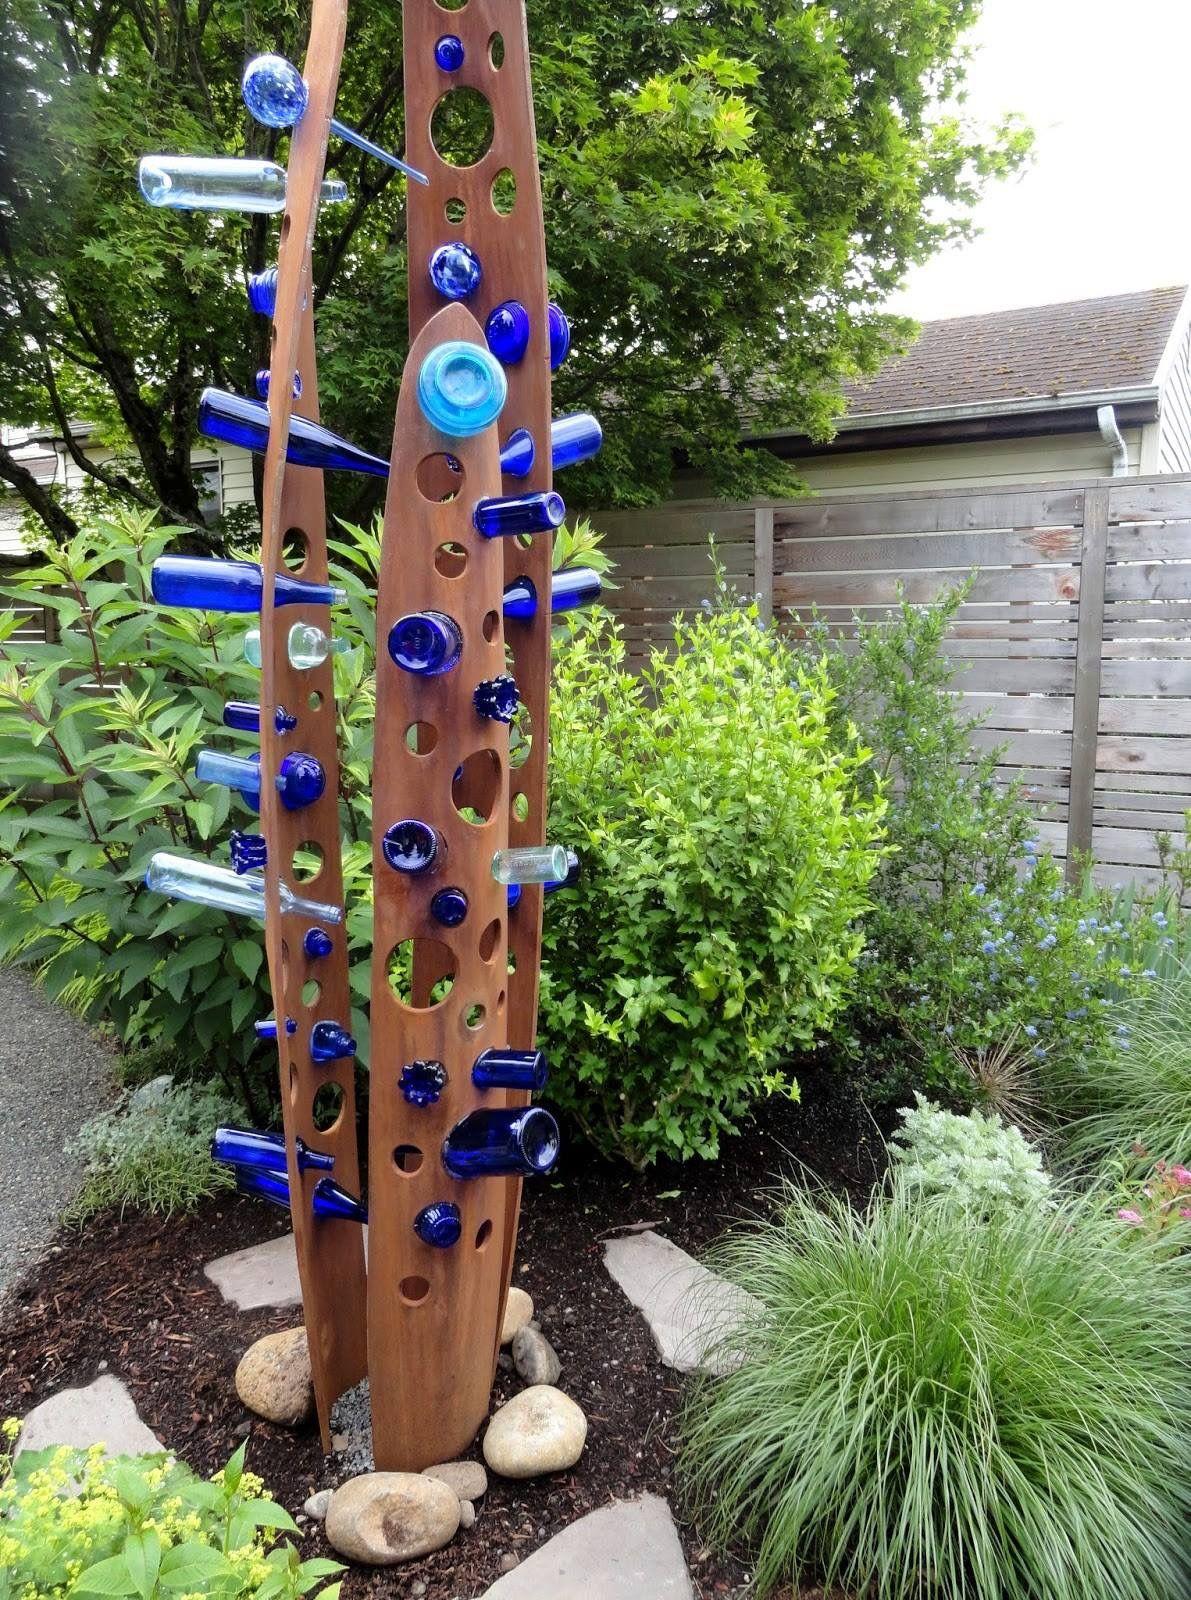 Pin by Sue Furnace Stearns on Garden Beauty | Pinterest | Yard art ...